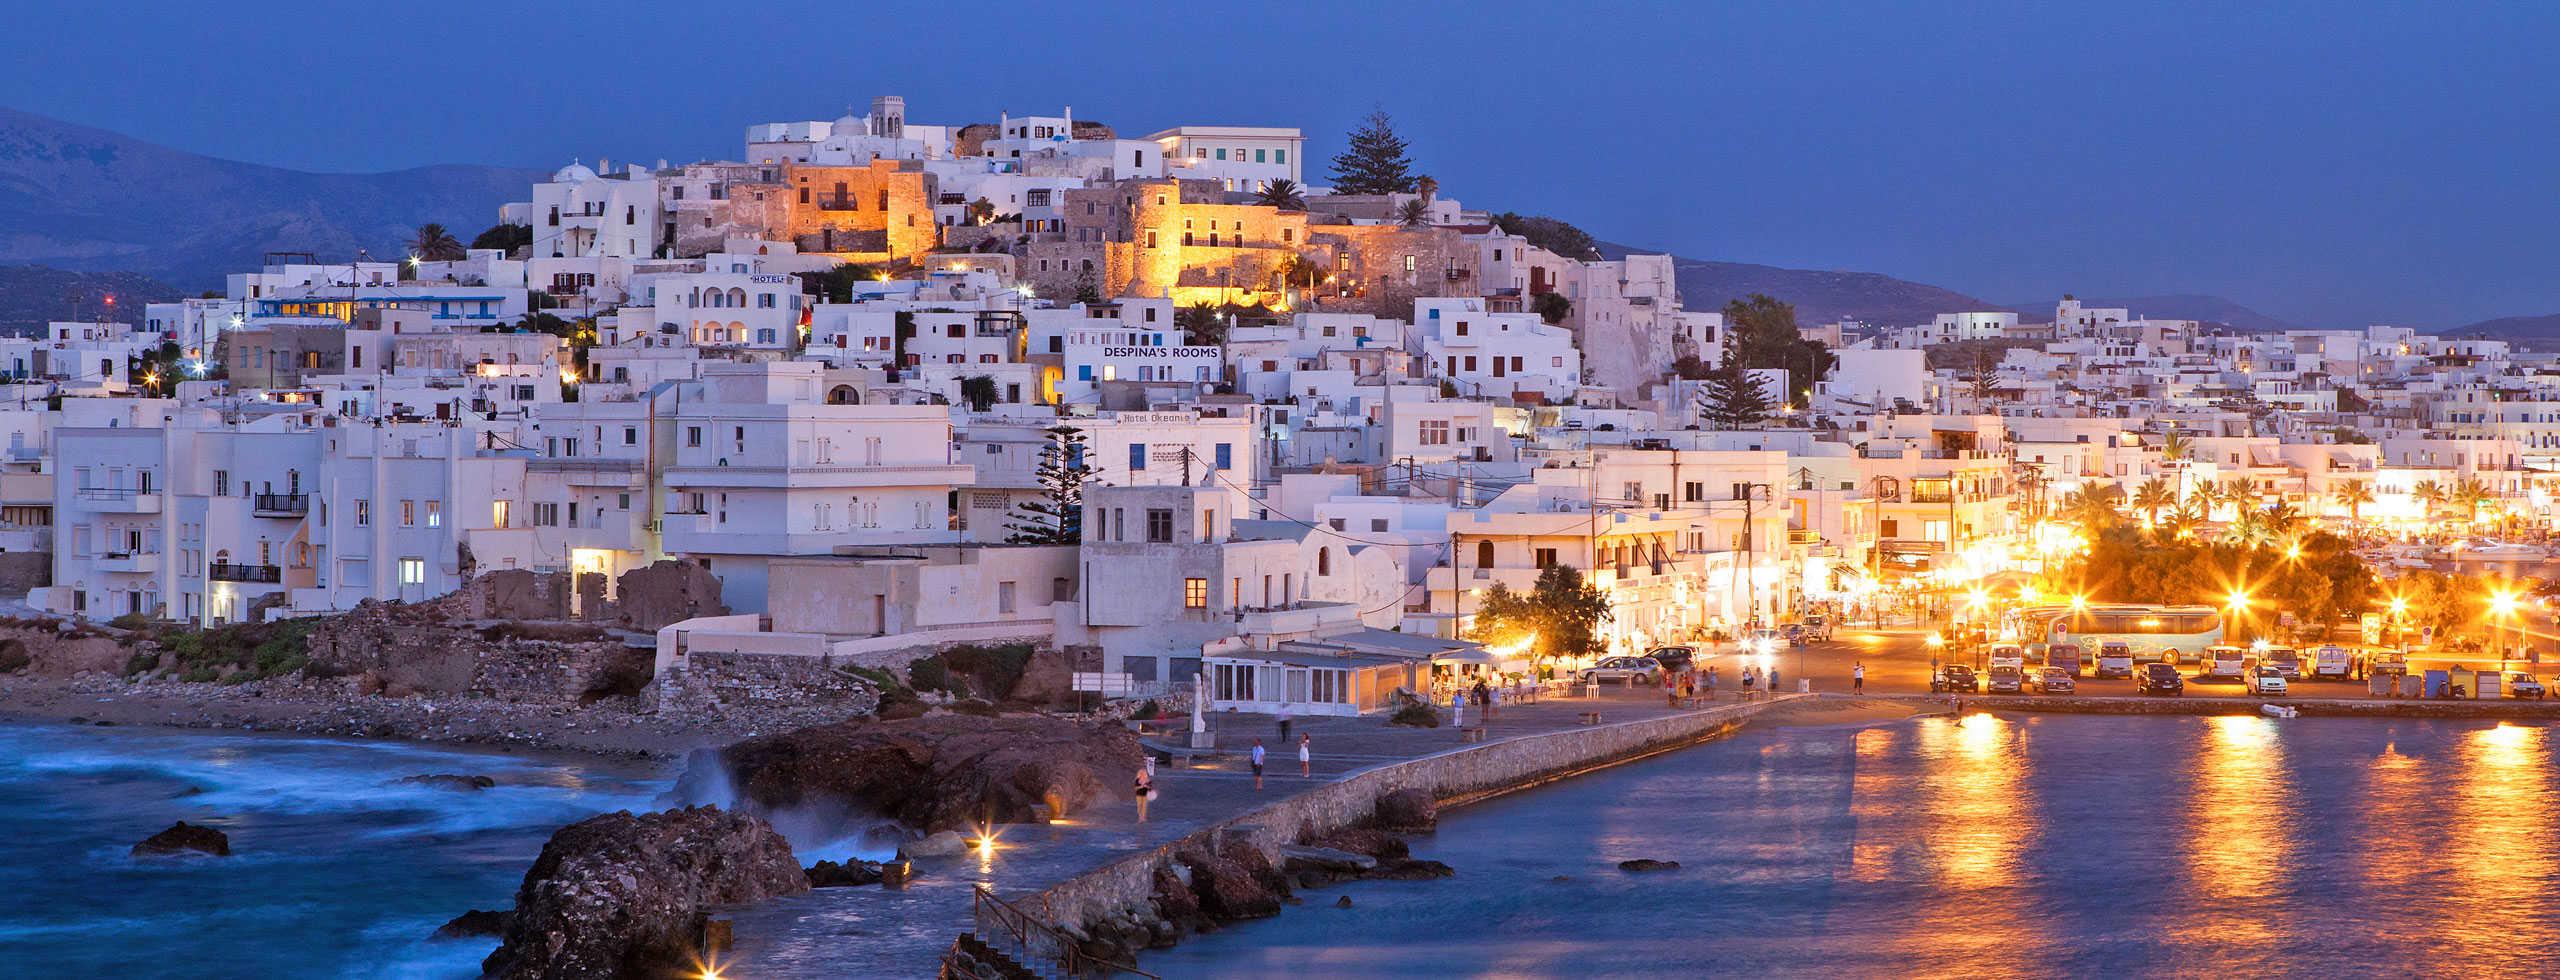 Naxos Cibo e cultura